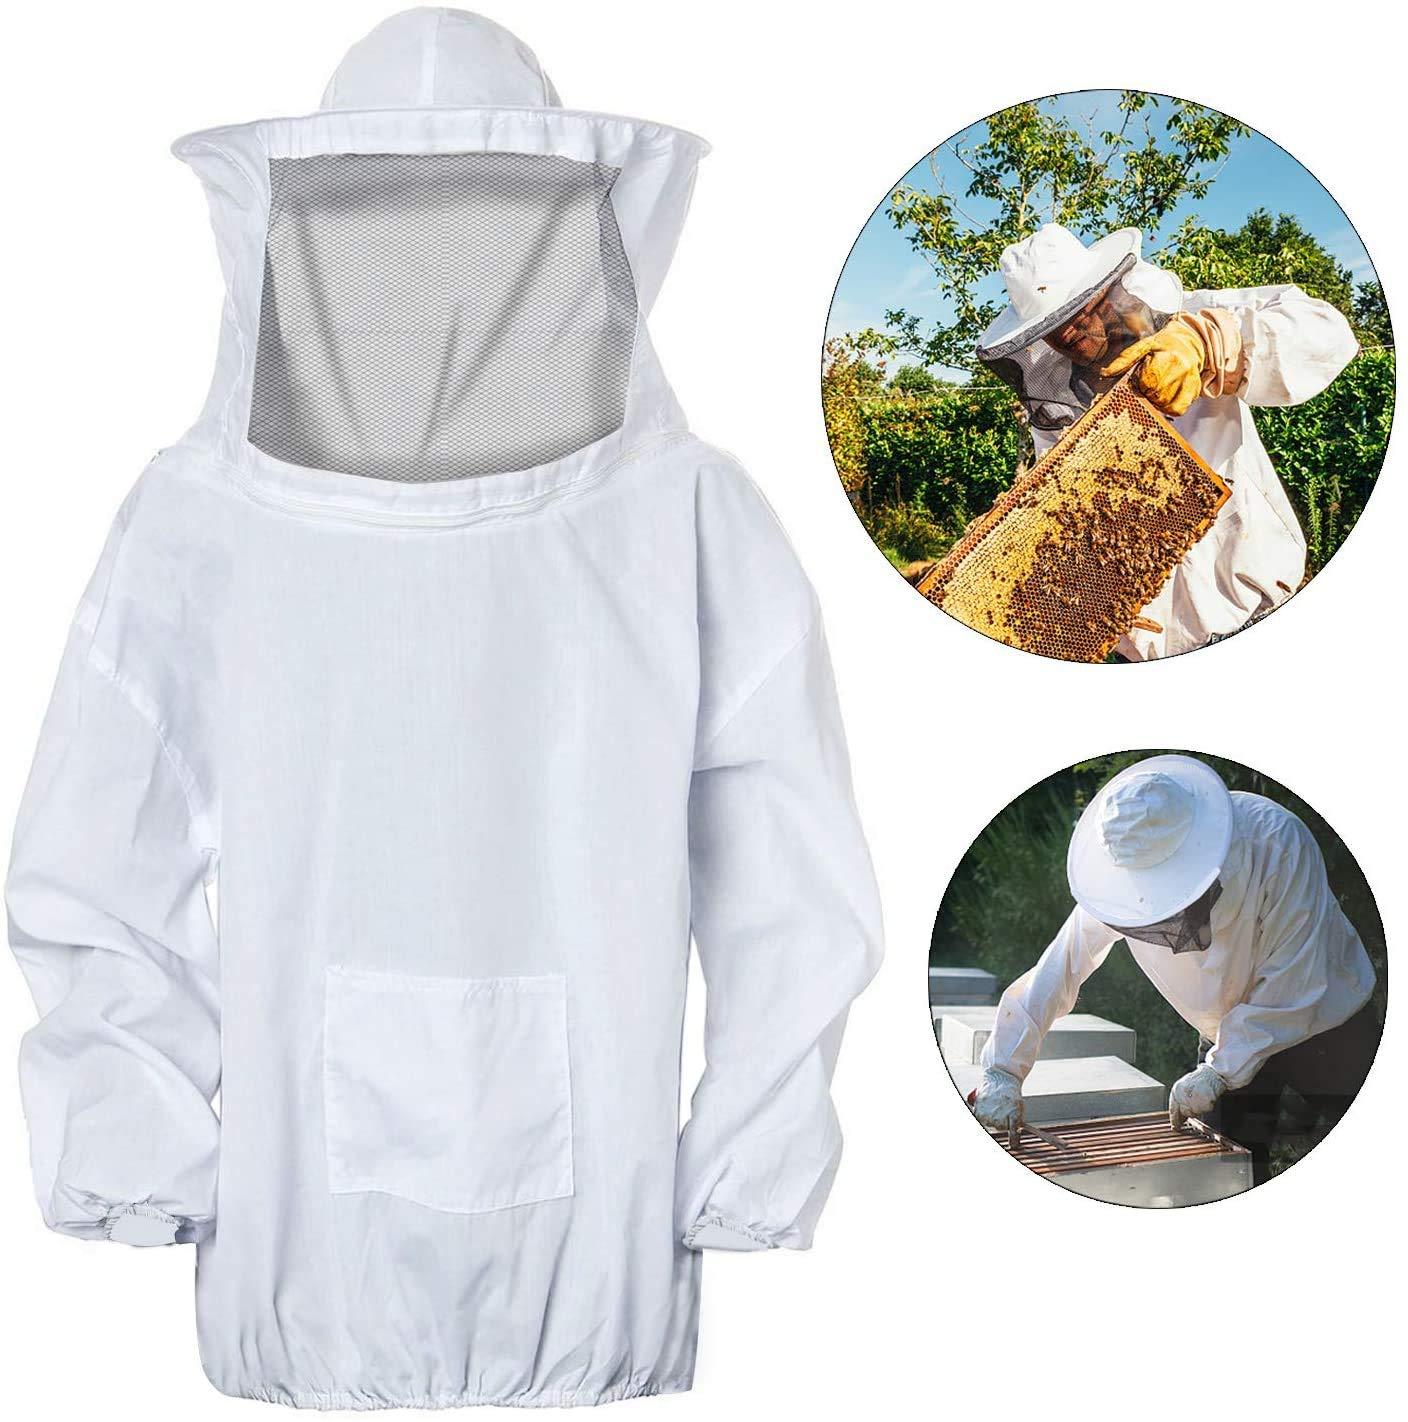 Bianco Apicoltura Cappotto Velo Apicoltura Cappotto Protettivo Apicoltura Tuta Protettiv in Cotone Bianco Professionale Con Cappello e Velo Tuta Apicoltura